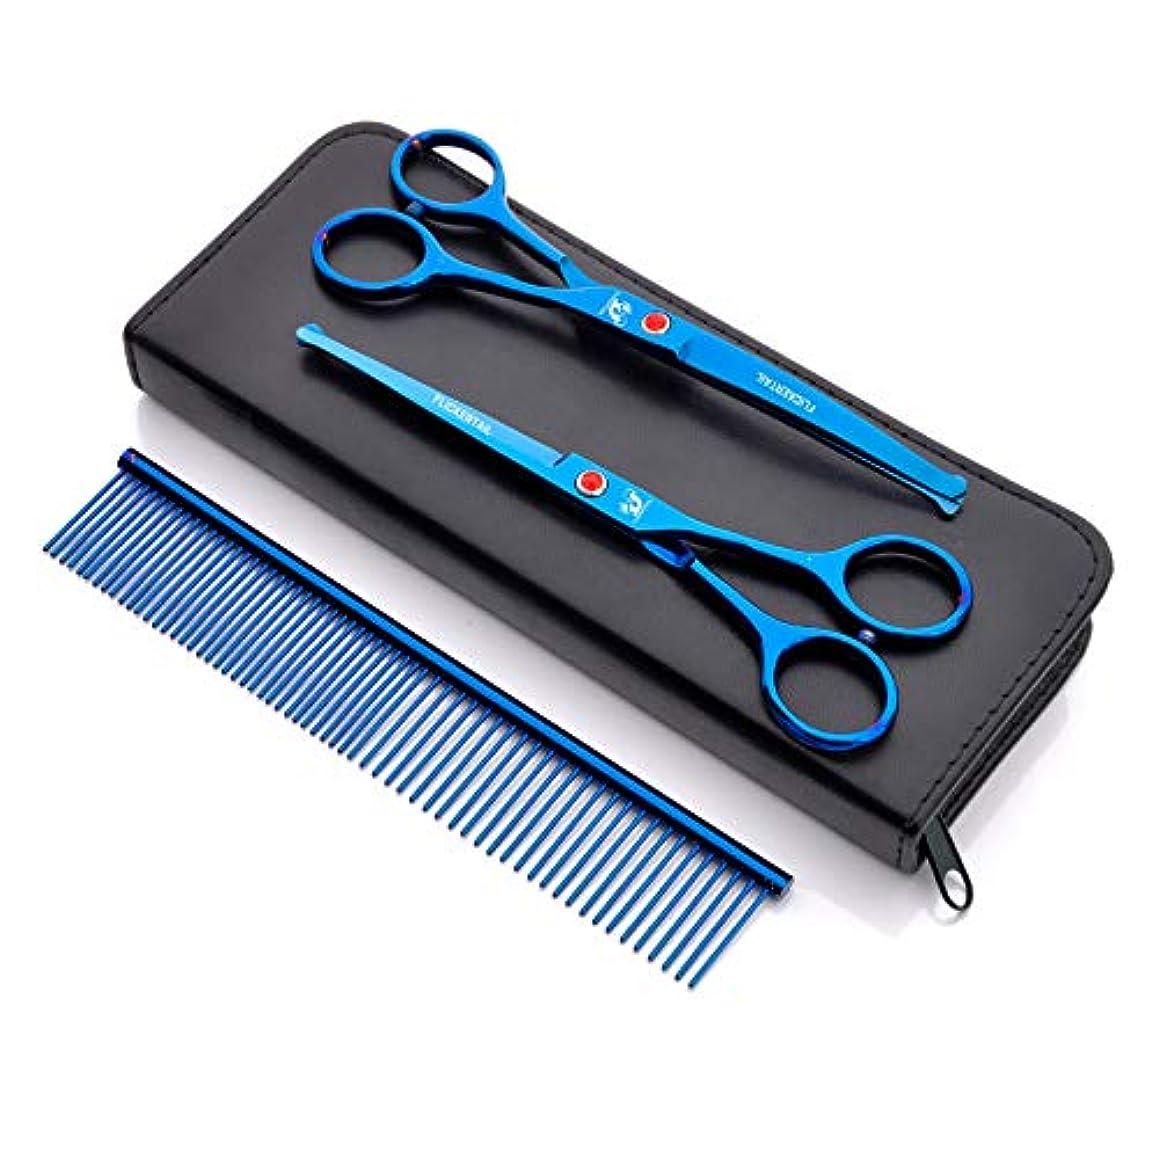 気絶させるプライバシーフレームワークラウンドヘッドペットの髪カットはさみ、プロのペットグルーミング精密安全はさみセット、ペットショップや個々のユーザーに適して,Blue